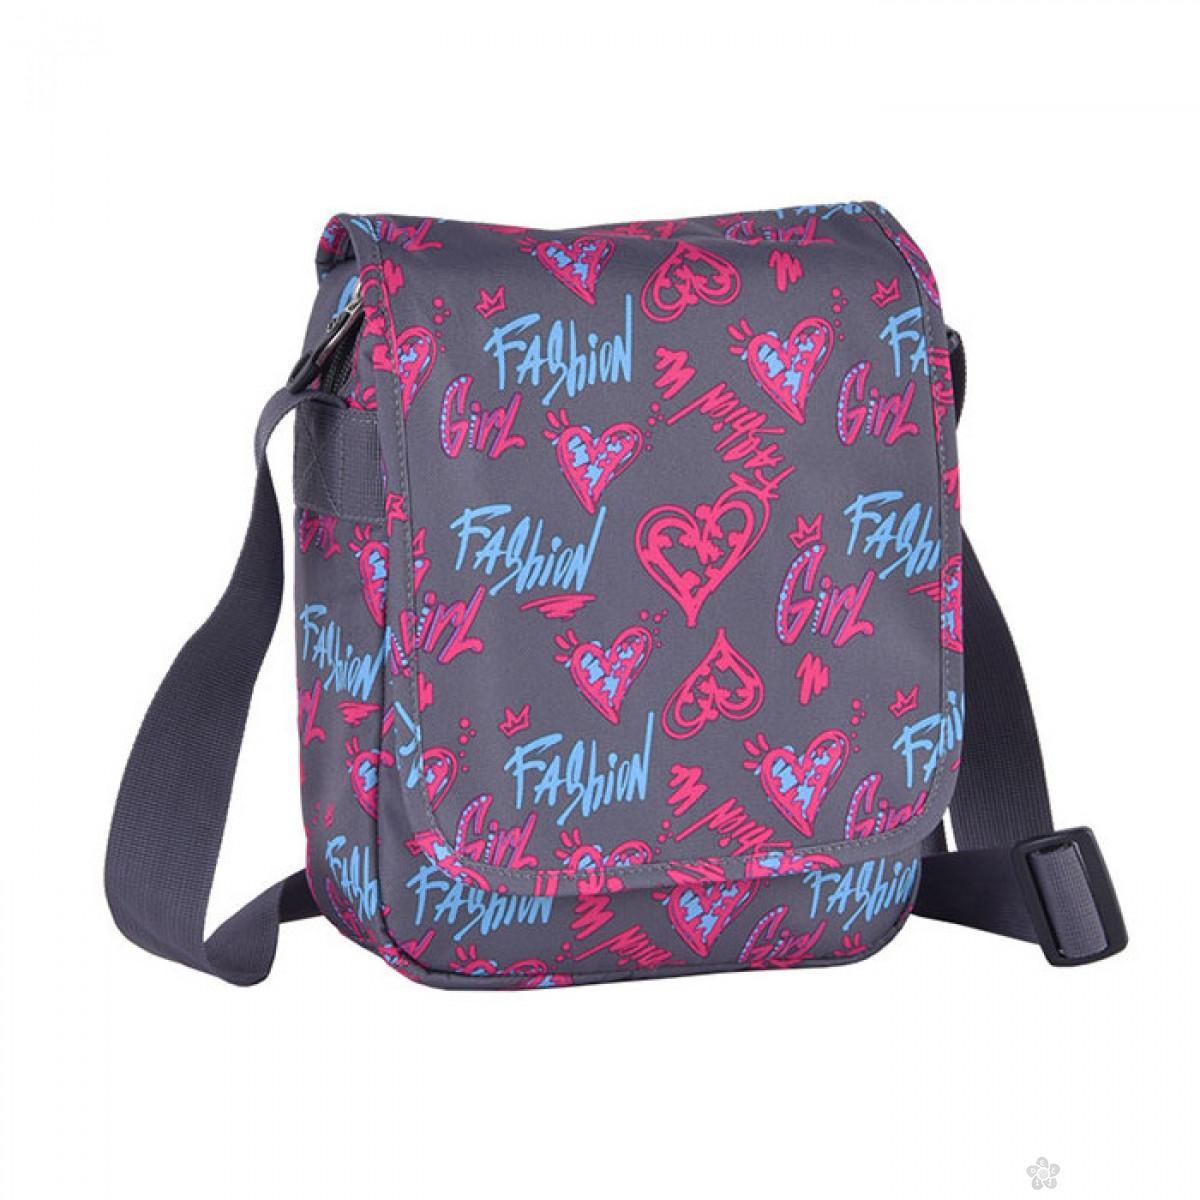 City Bag Teens Fashion Girl, 121449